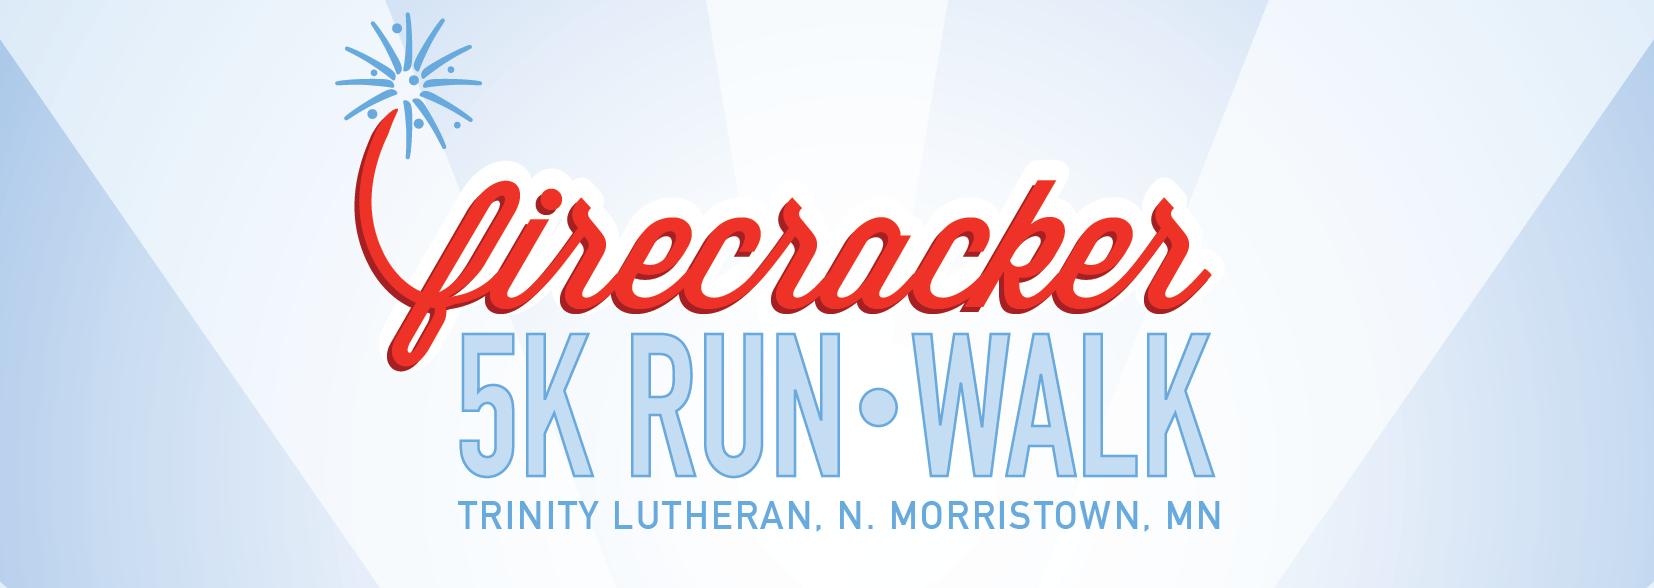 firecracker-5k-runwalk-sponsor